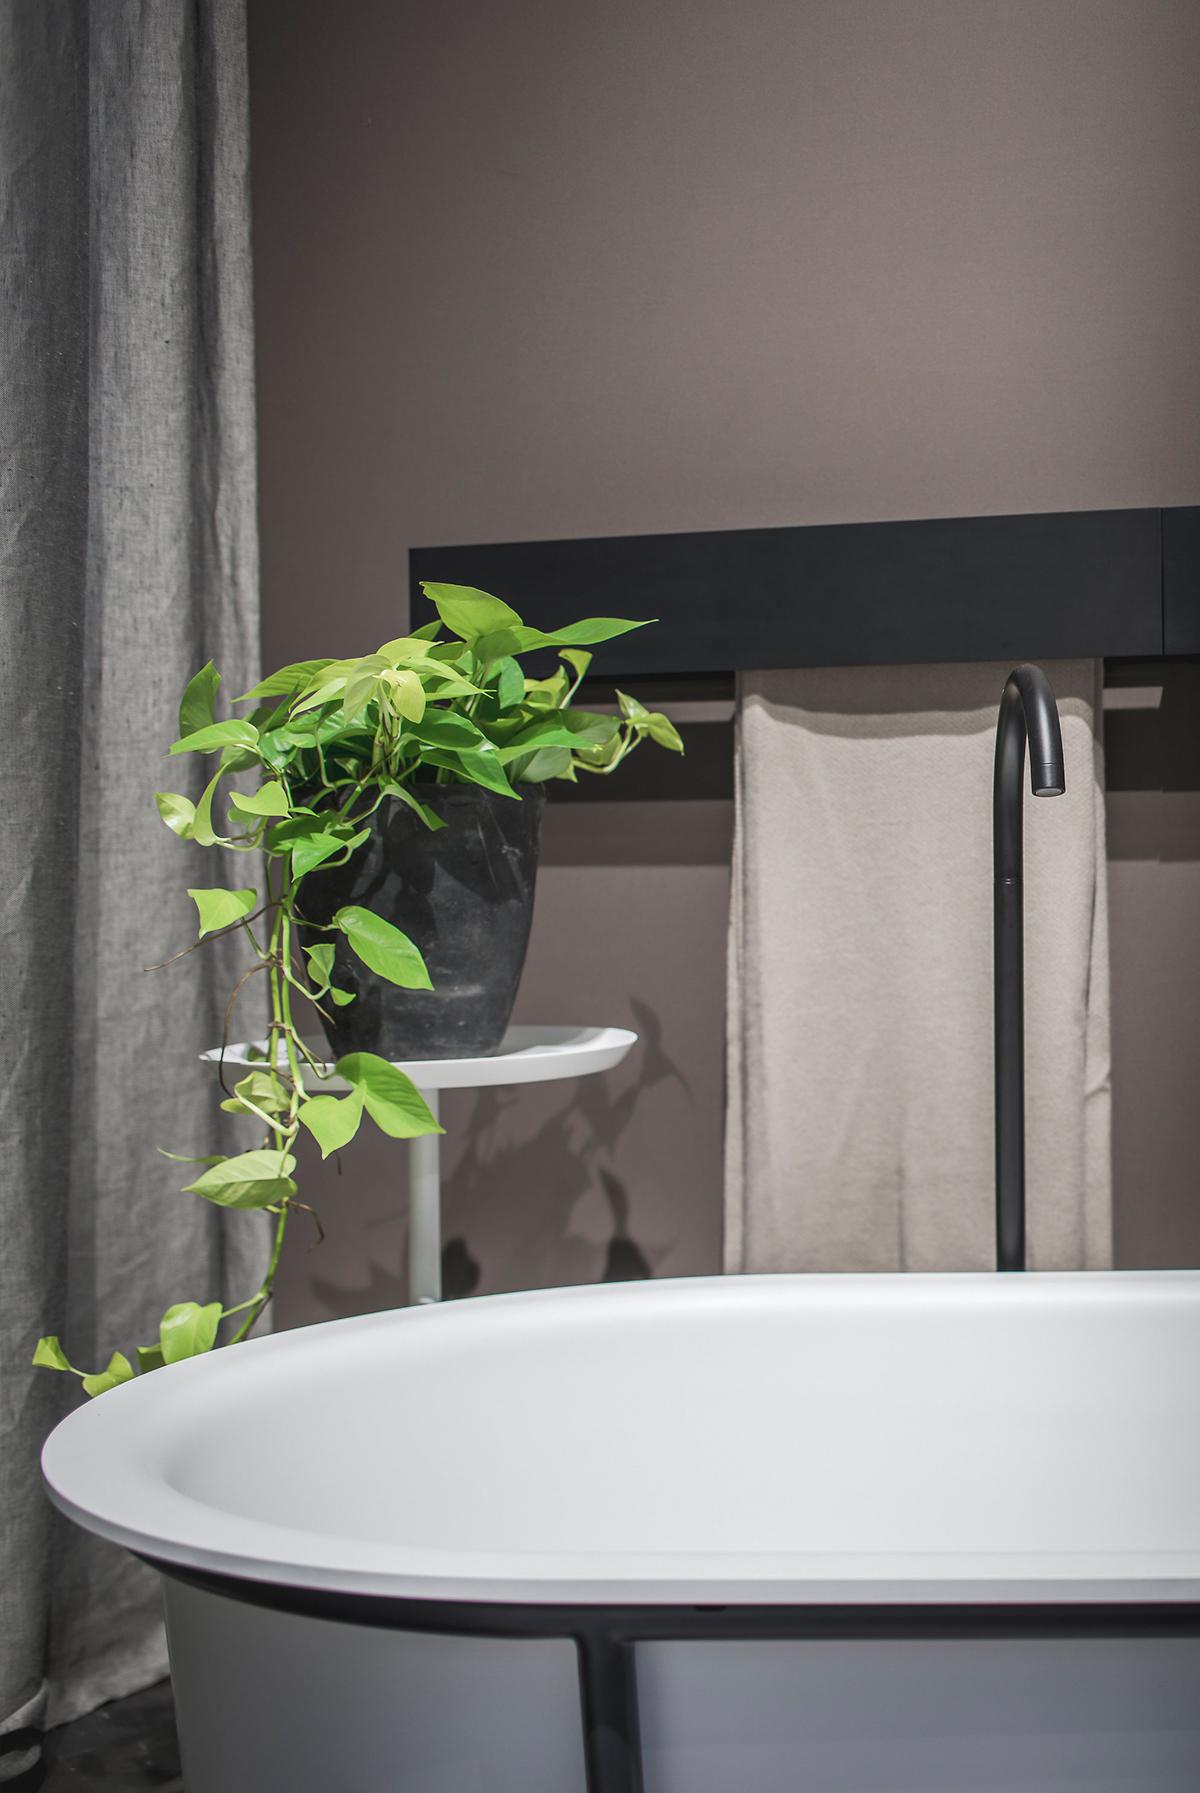 Agape Sen handdoekwarmer - Cuna freestanding bath